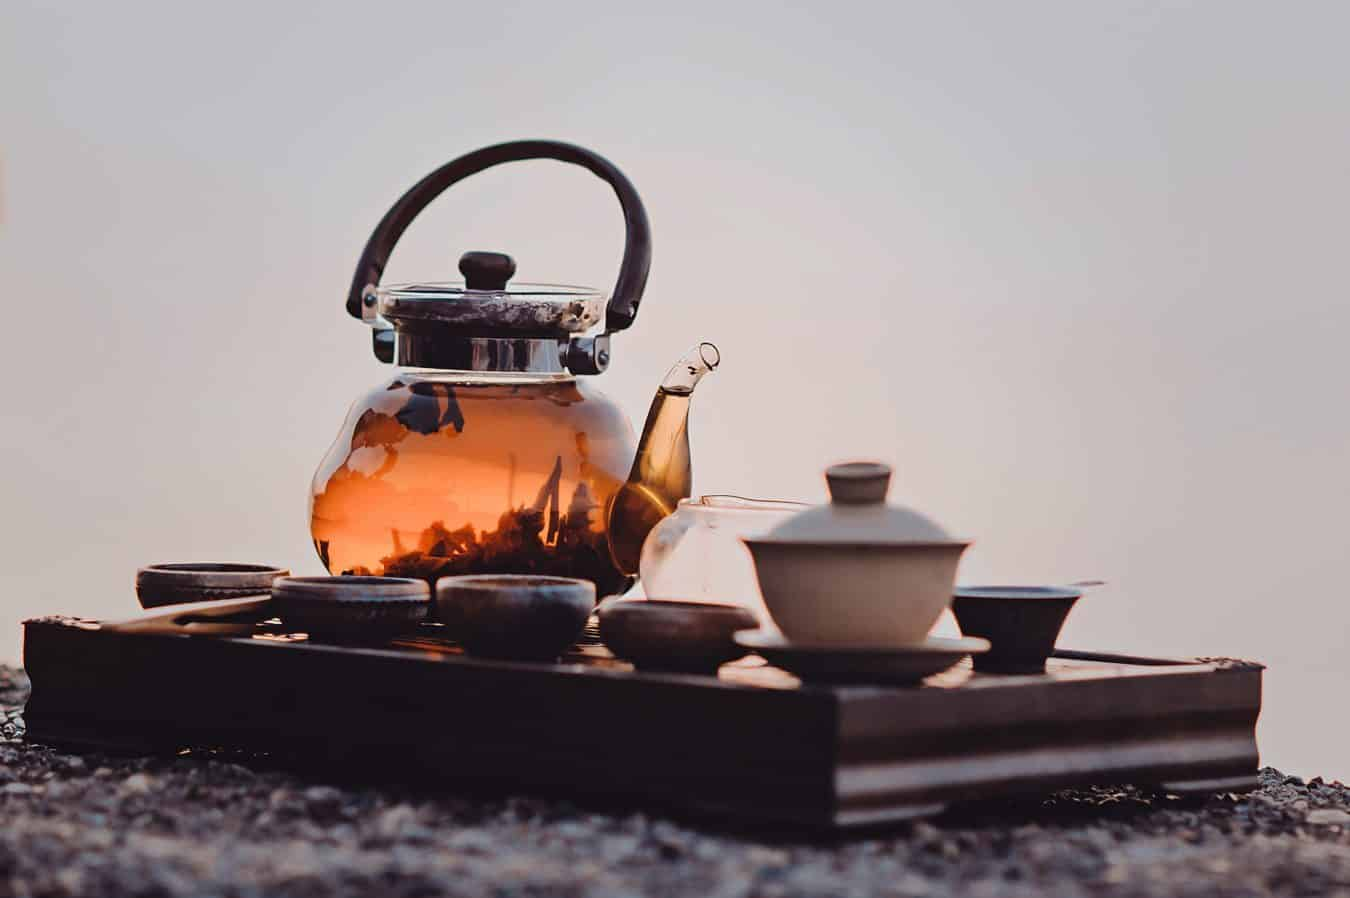 brew-tea-e1559474588776-4597118